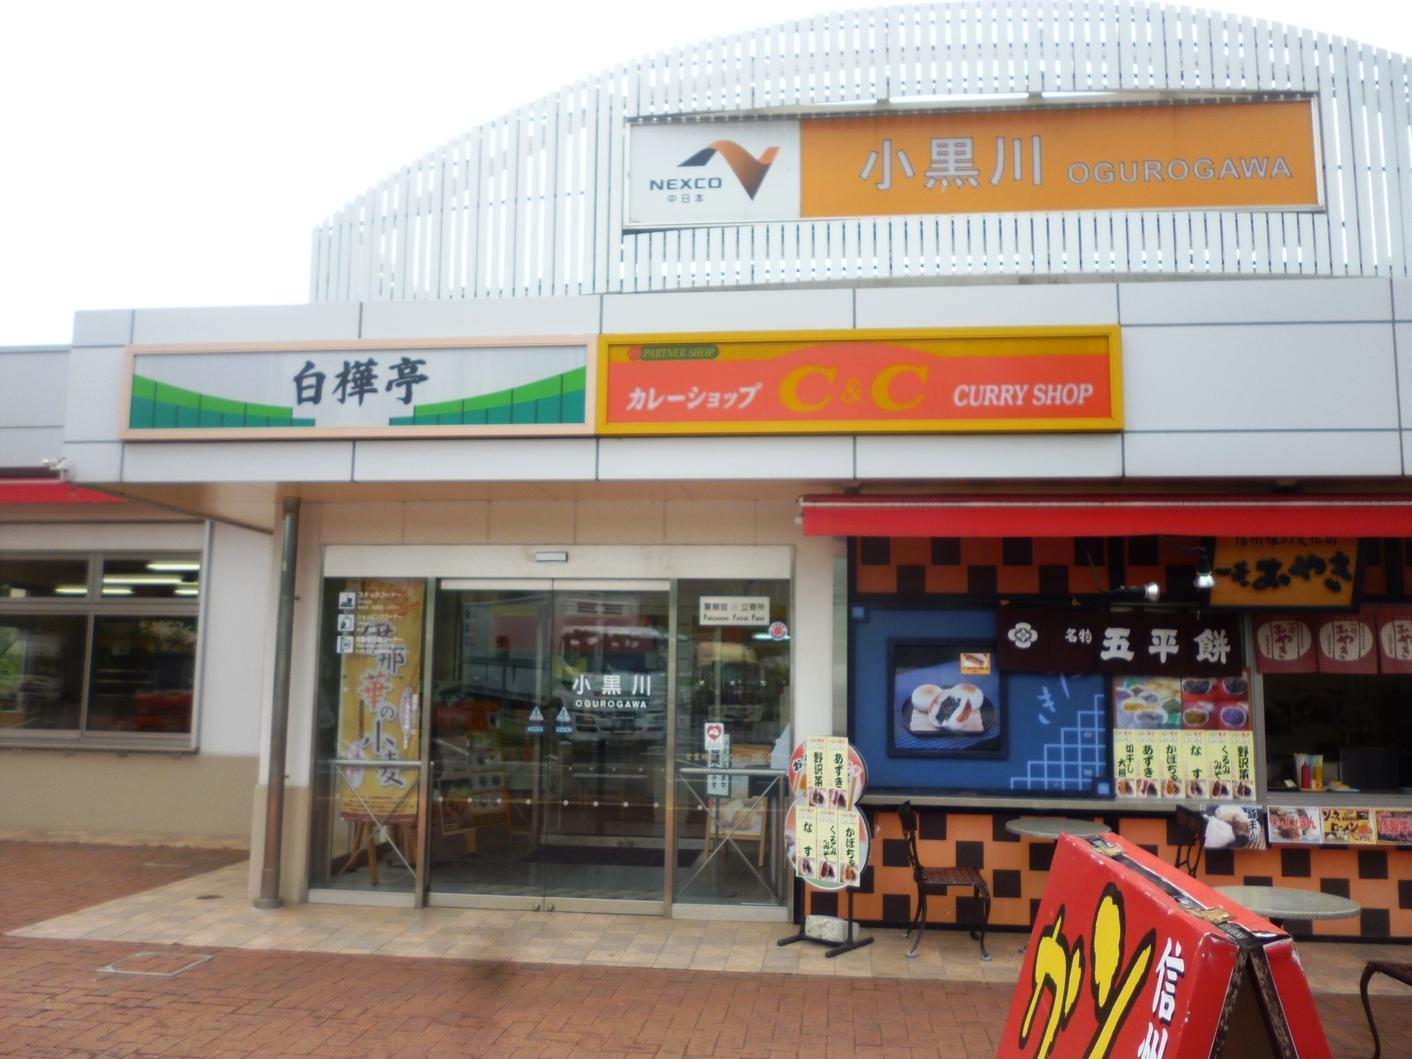 カレーショップC&C 小黒川店